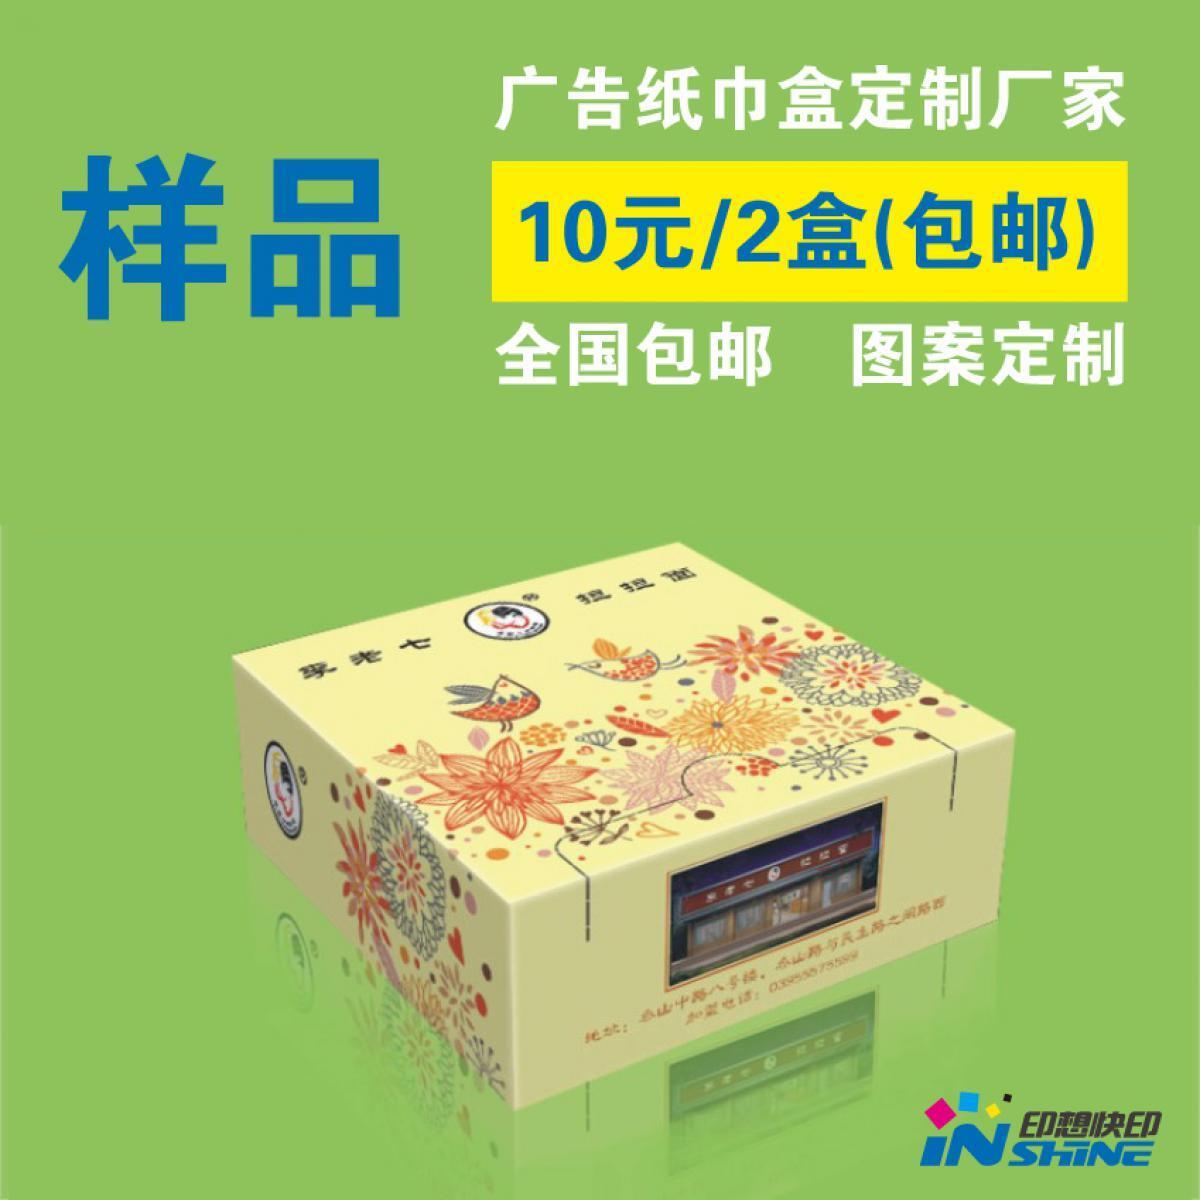 纸巾盒装定制 抽纸盒 广告纸巾盒 制作盒装纸巾 样品10元包邮